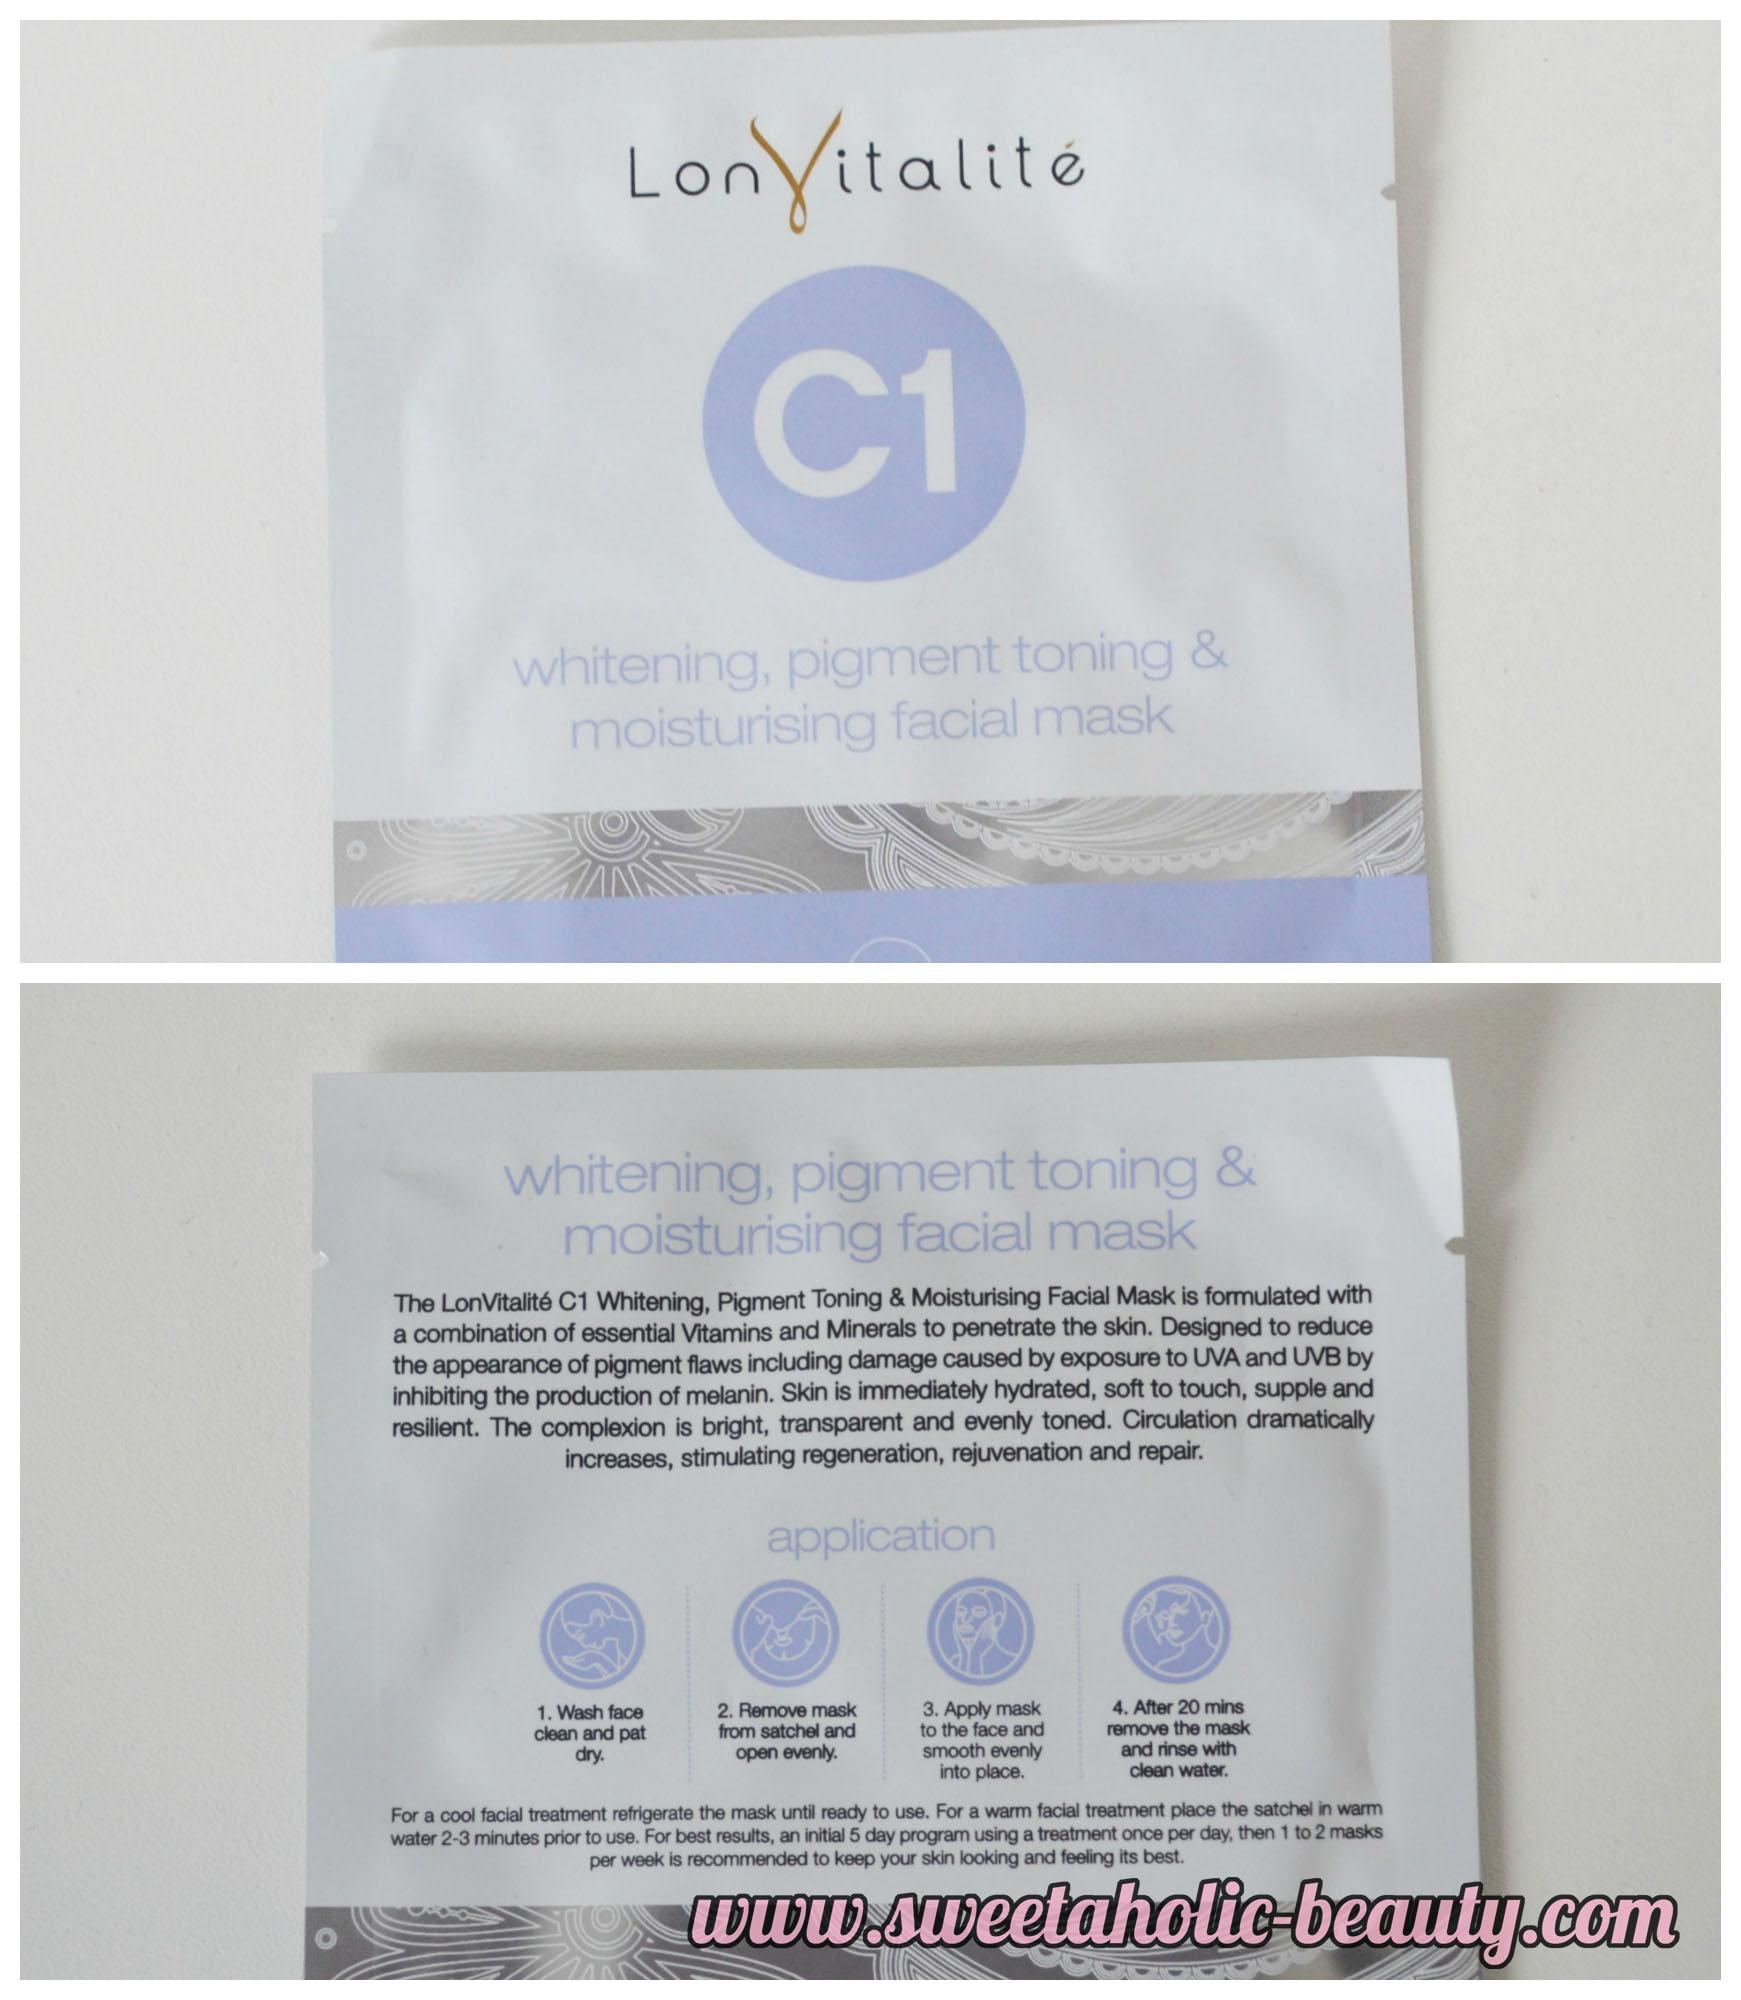 Lon Vitalite, Face Masks, Skincare,